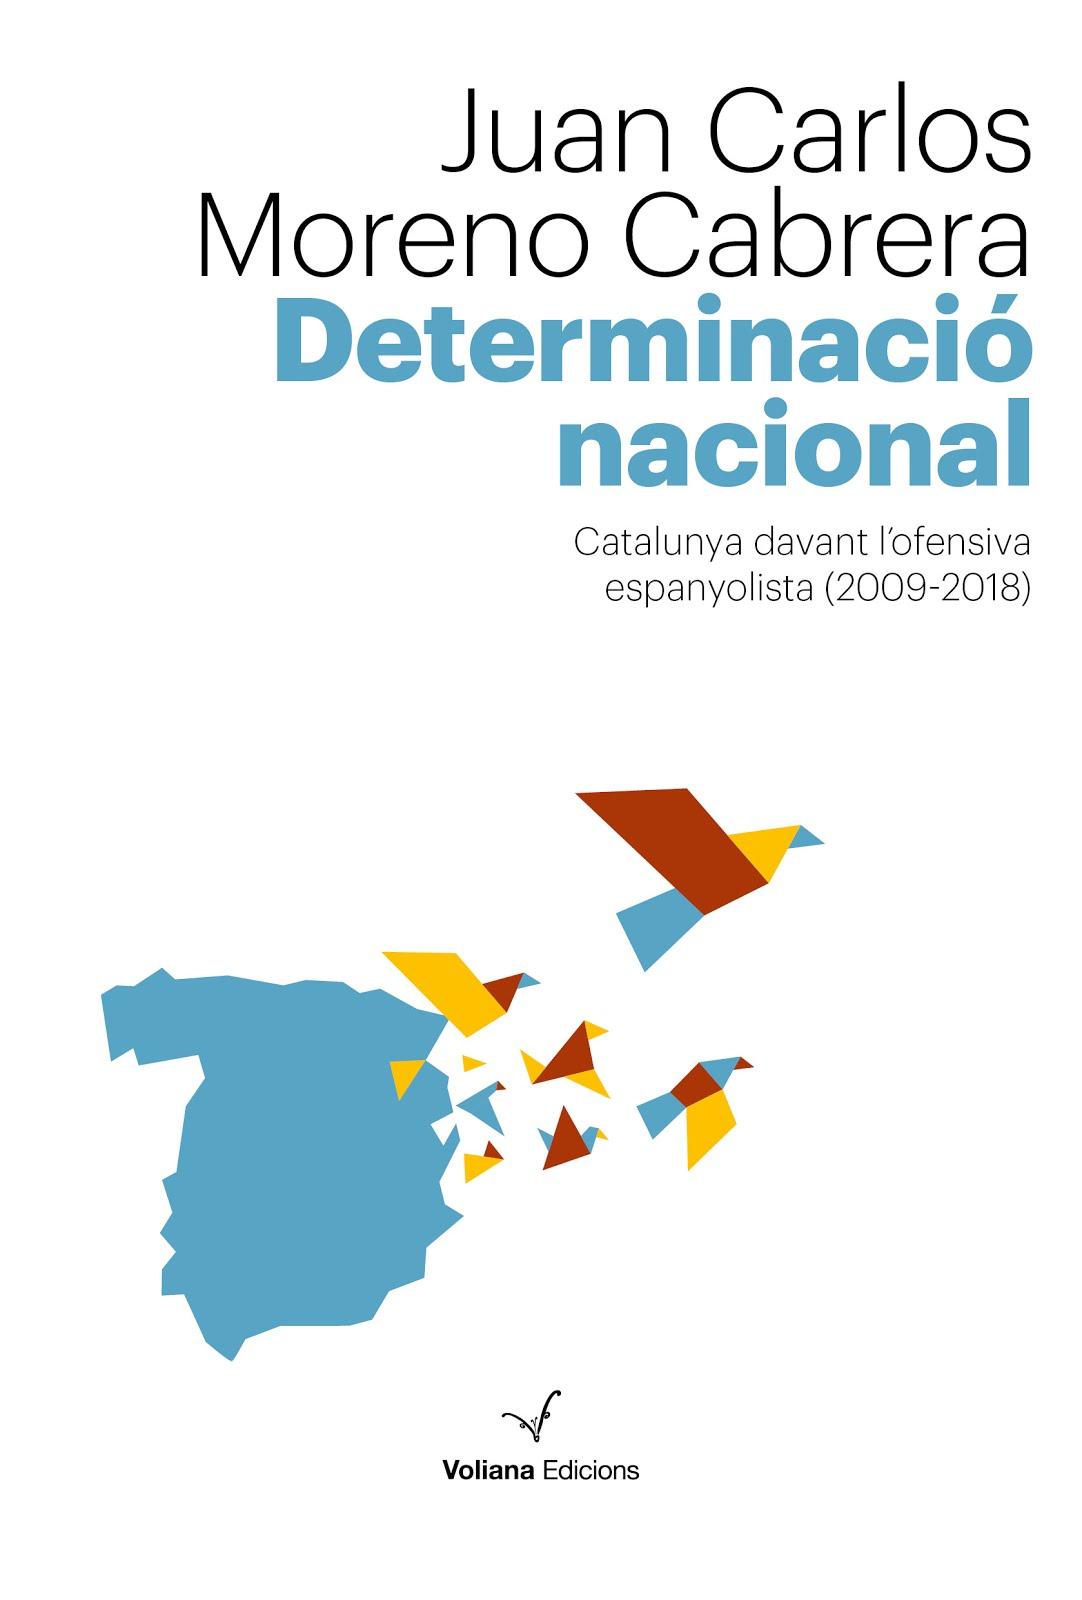 Determinació nacional.